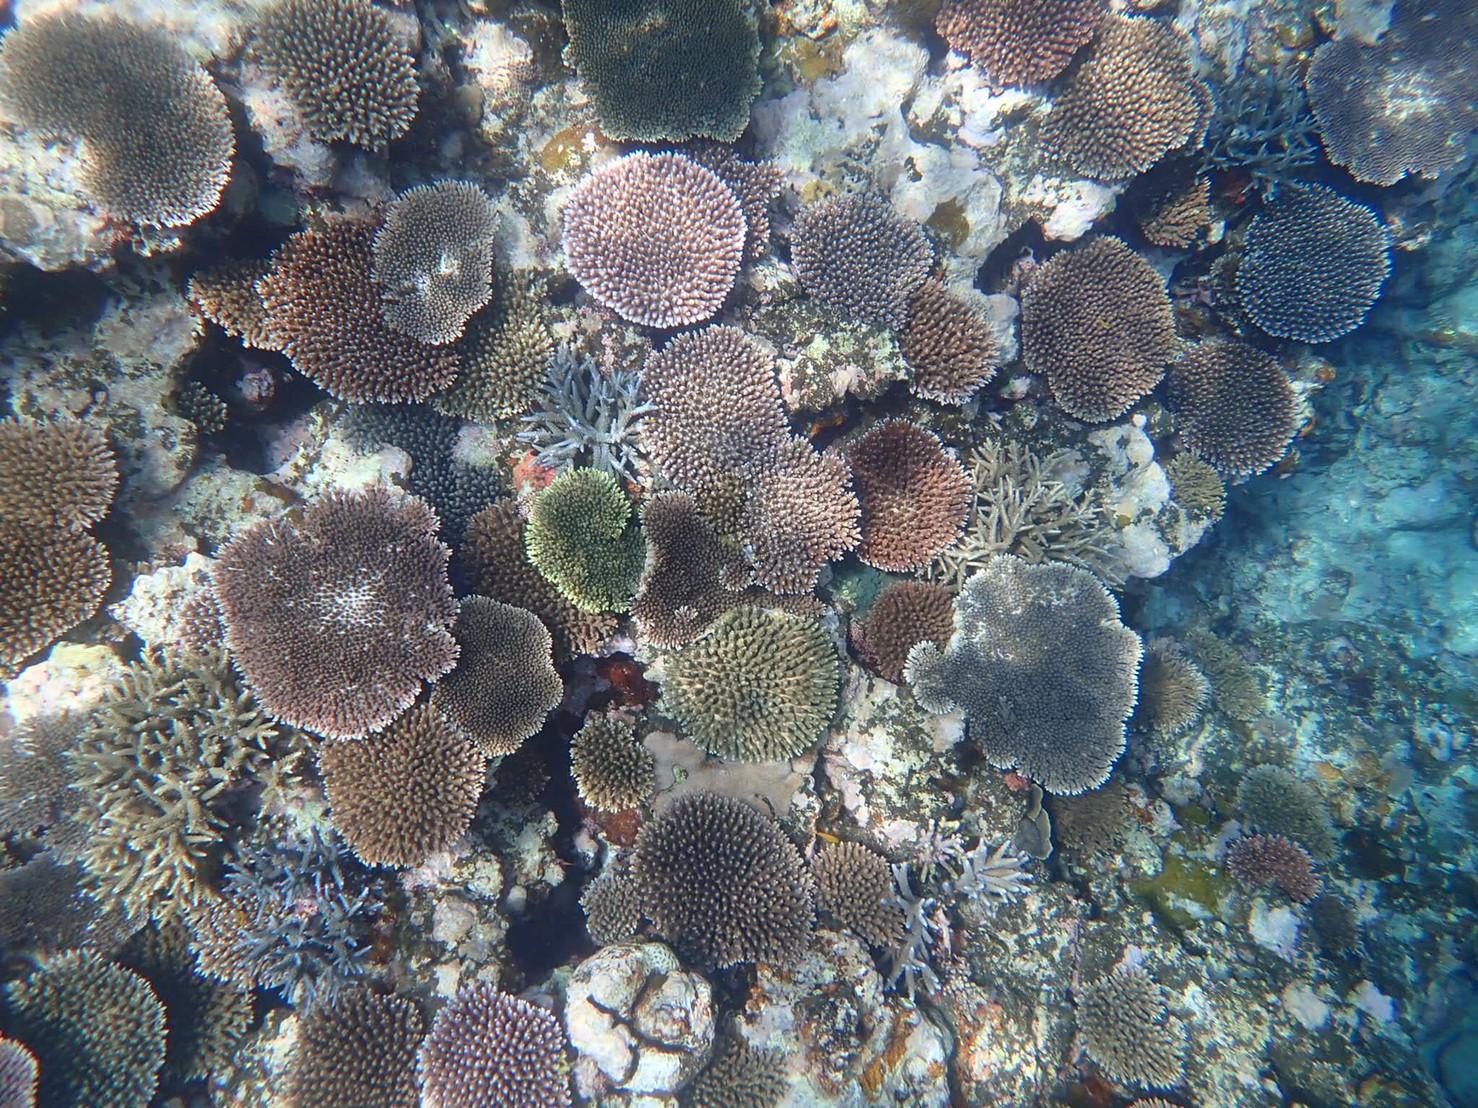 石垣島のサンゴ